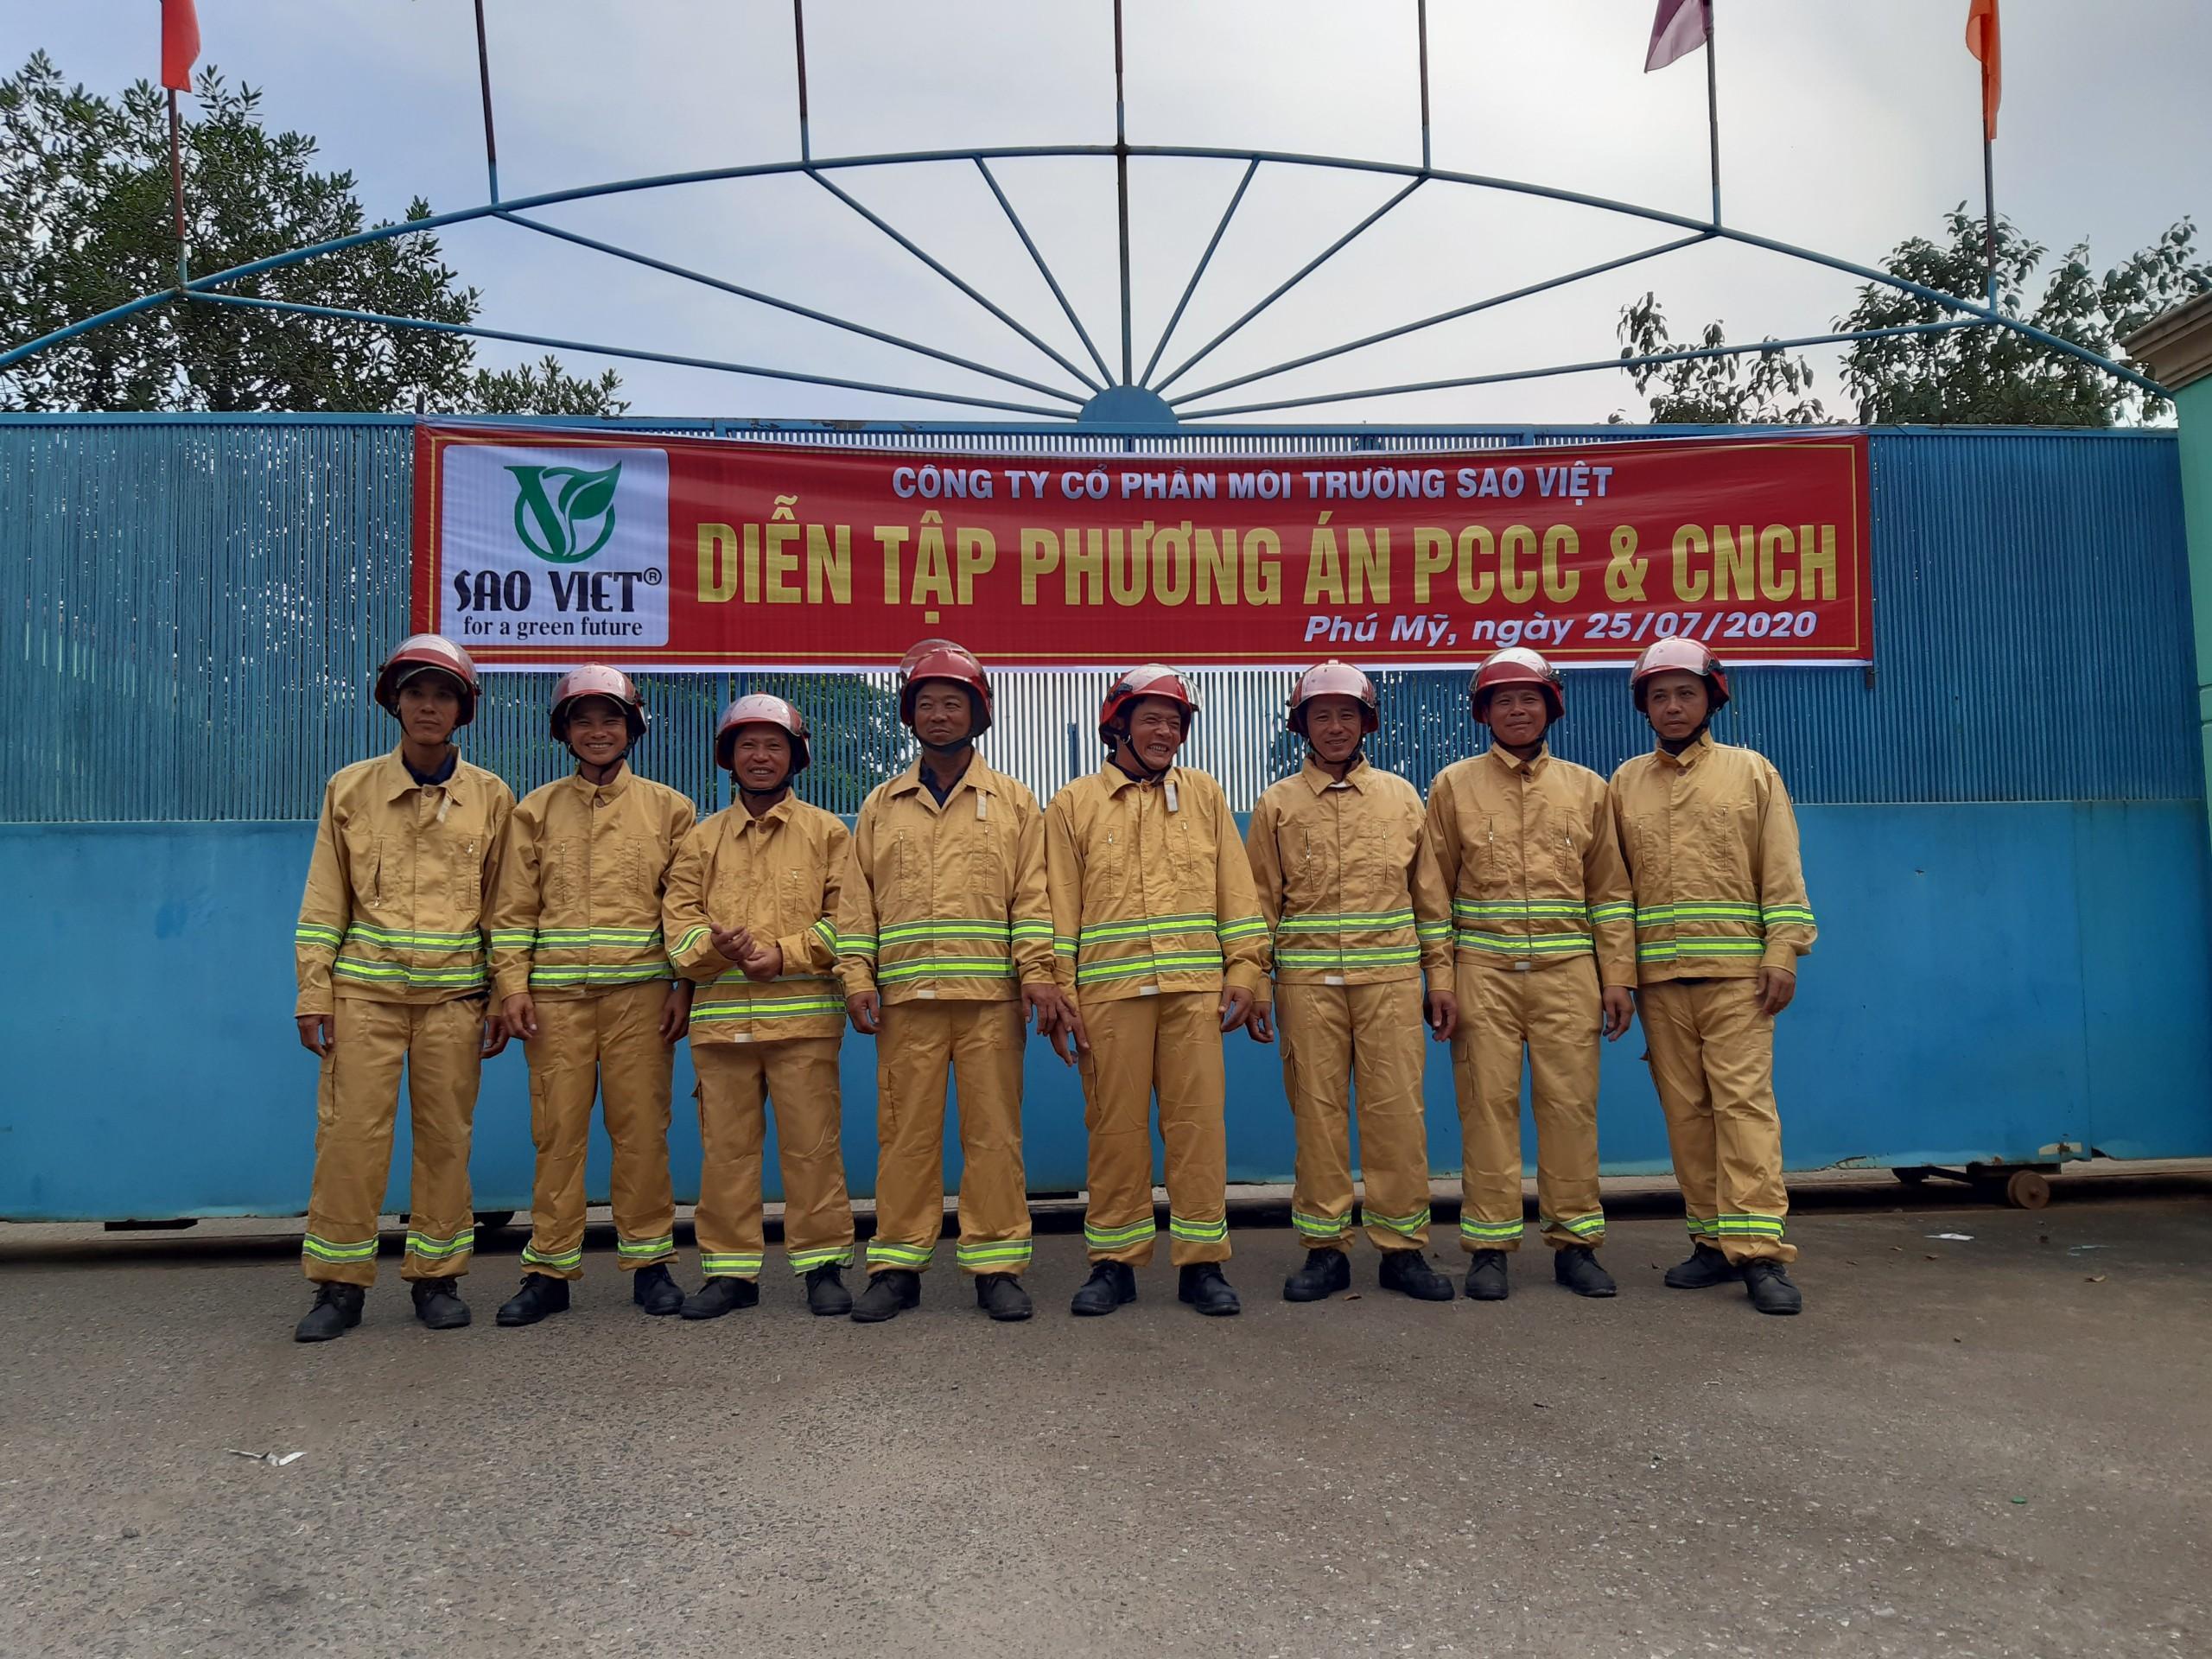 Diễn tập PCCC tại Nhà máy Sao Việt tháng 7/2020